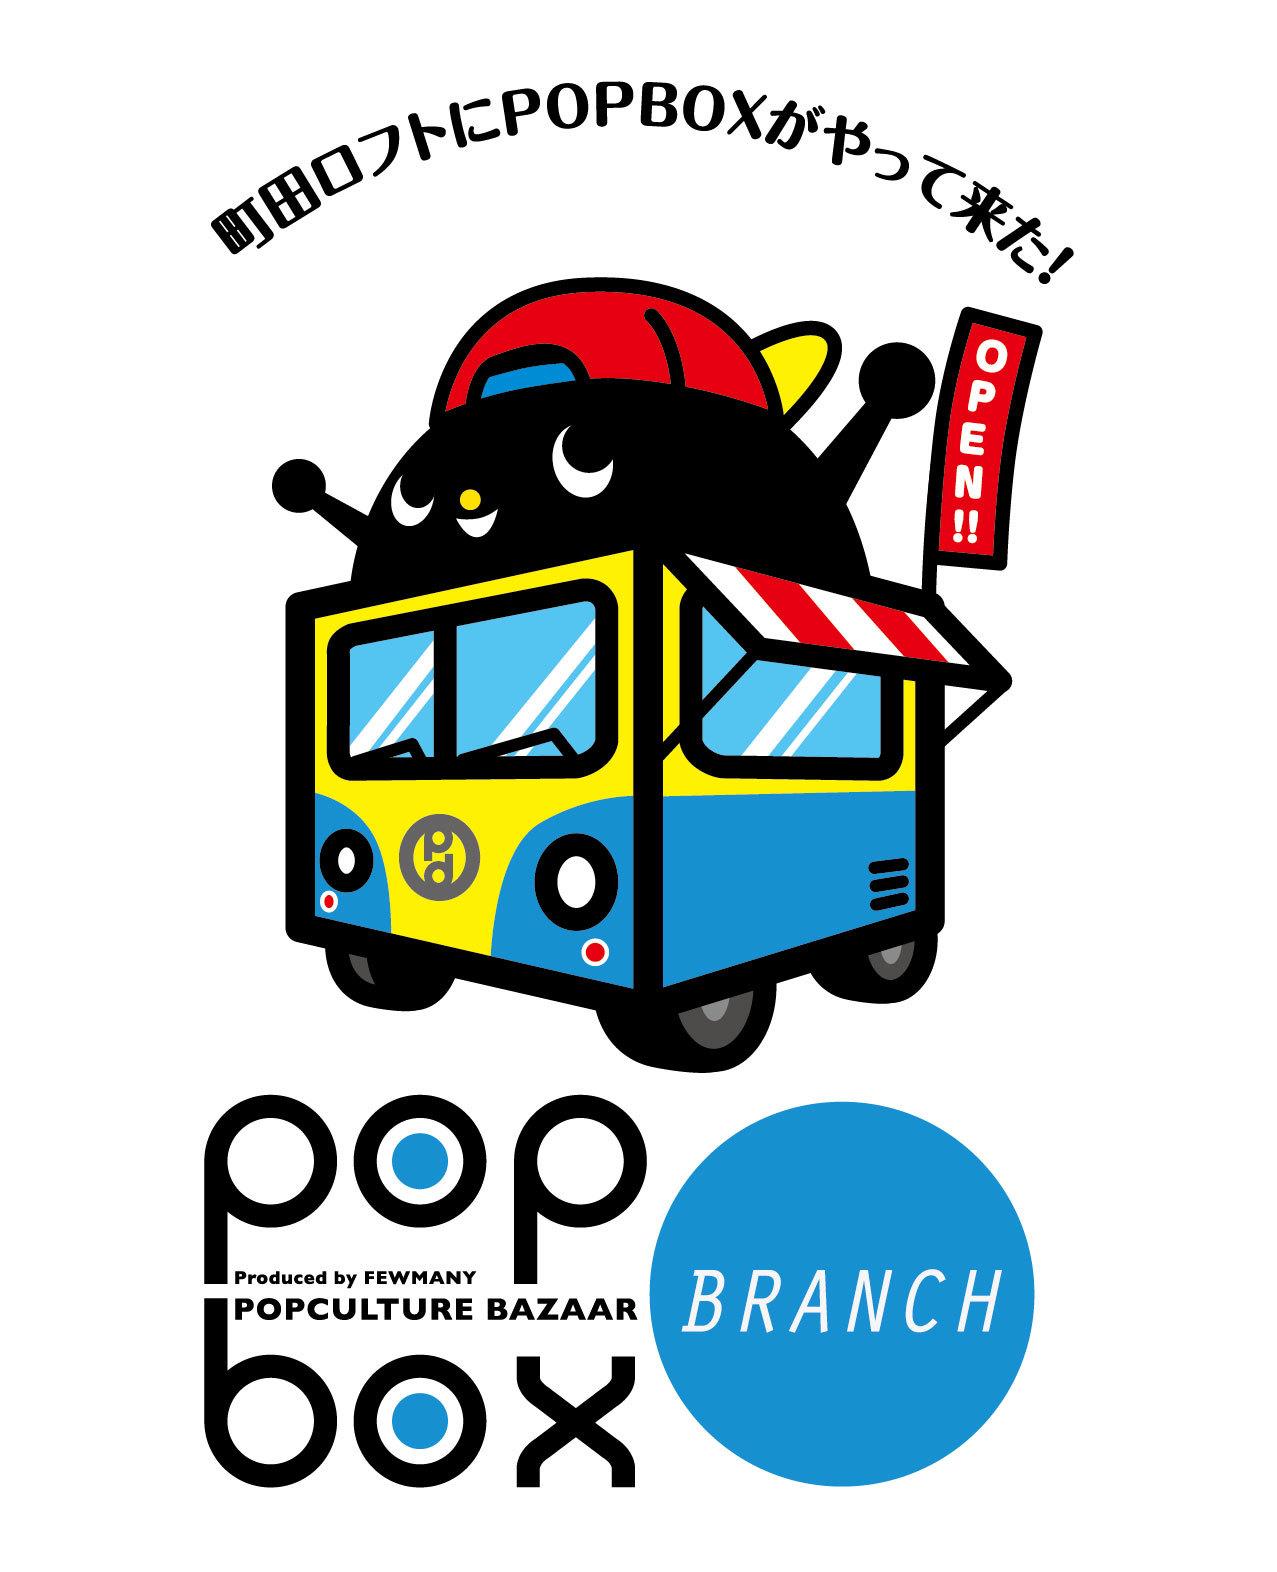 町田ロフトPOPBOX BRANCH開催のお知らせ!_f0010033_18301916.jpg